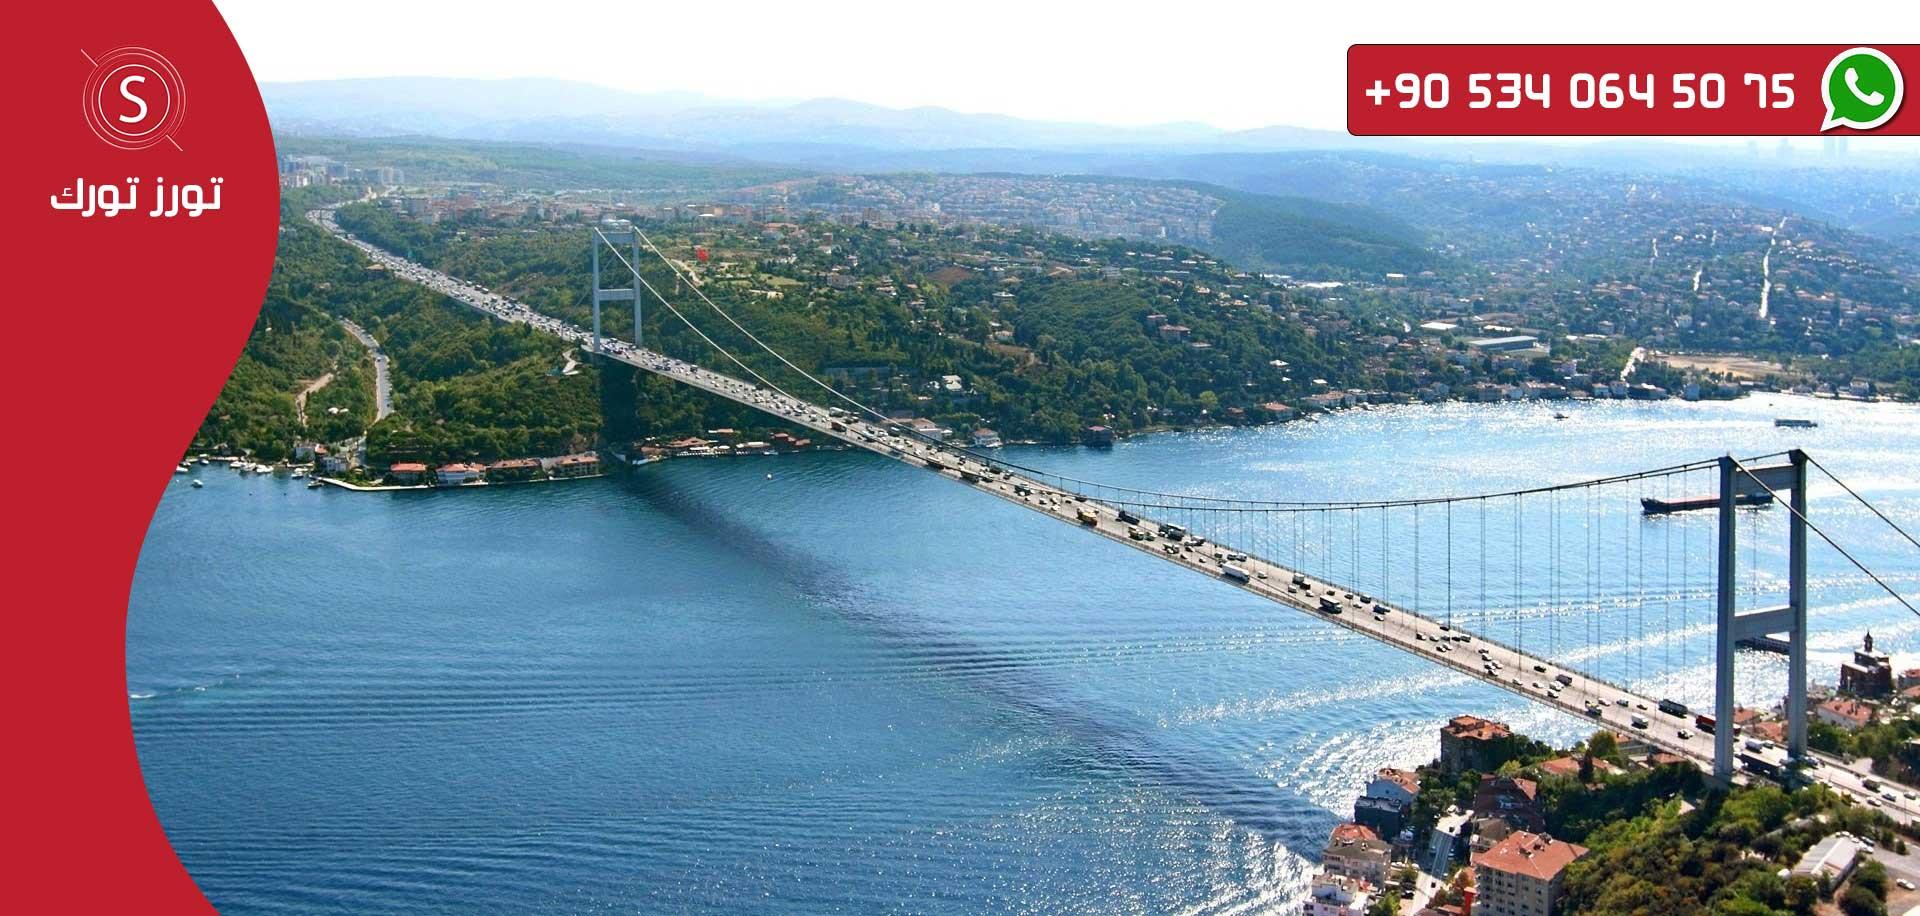 جولات سياحية في اسطنبول جولة البسفور